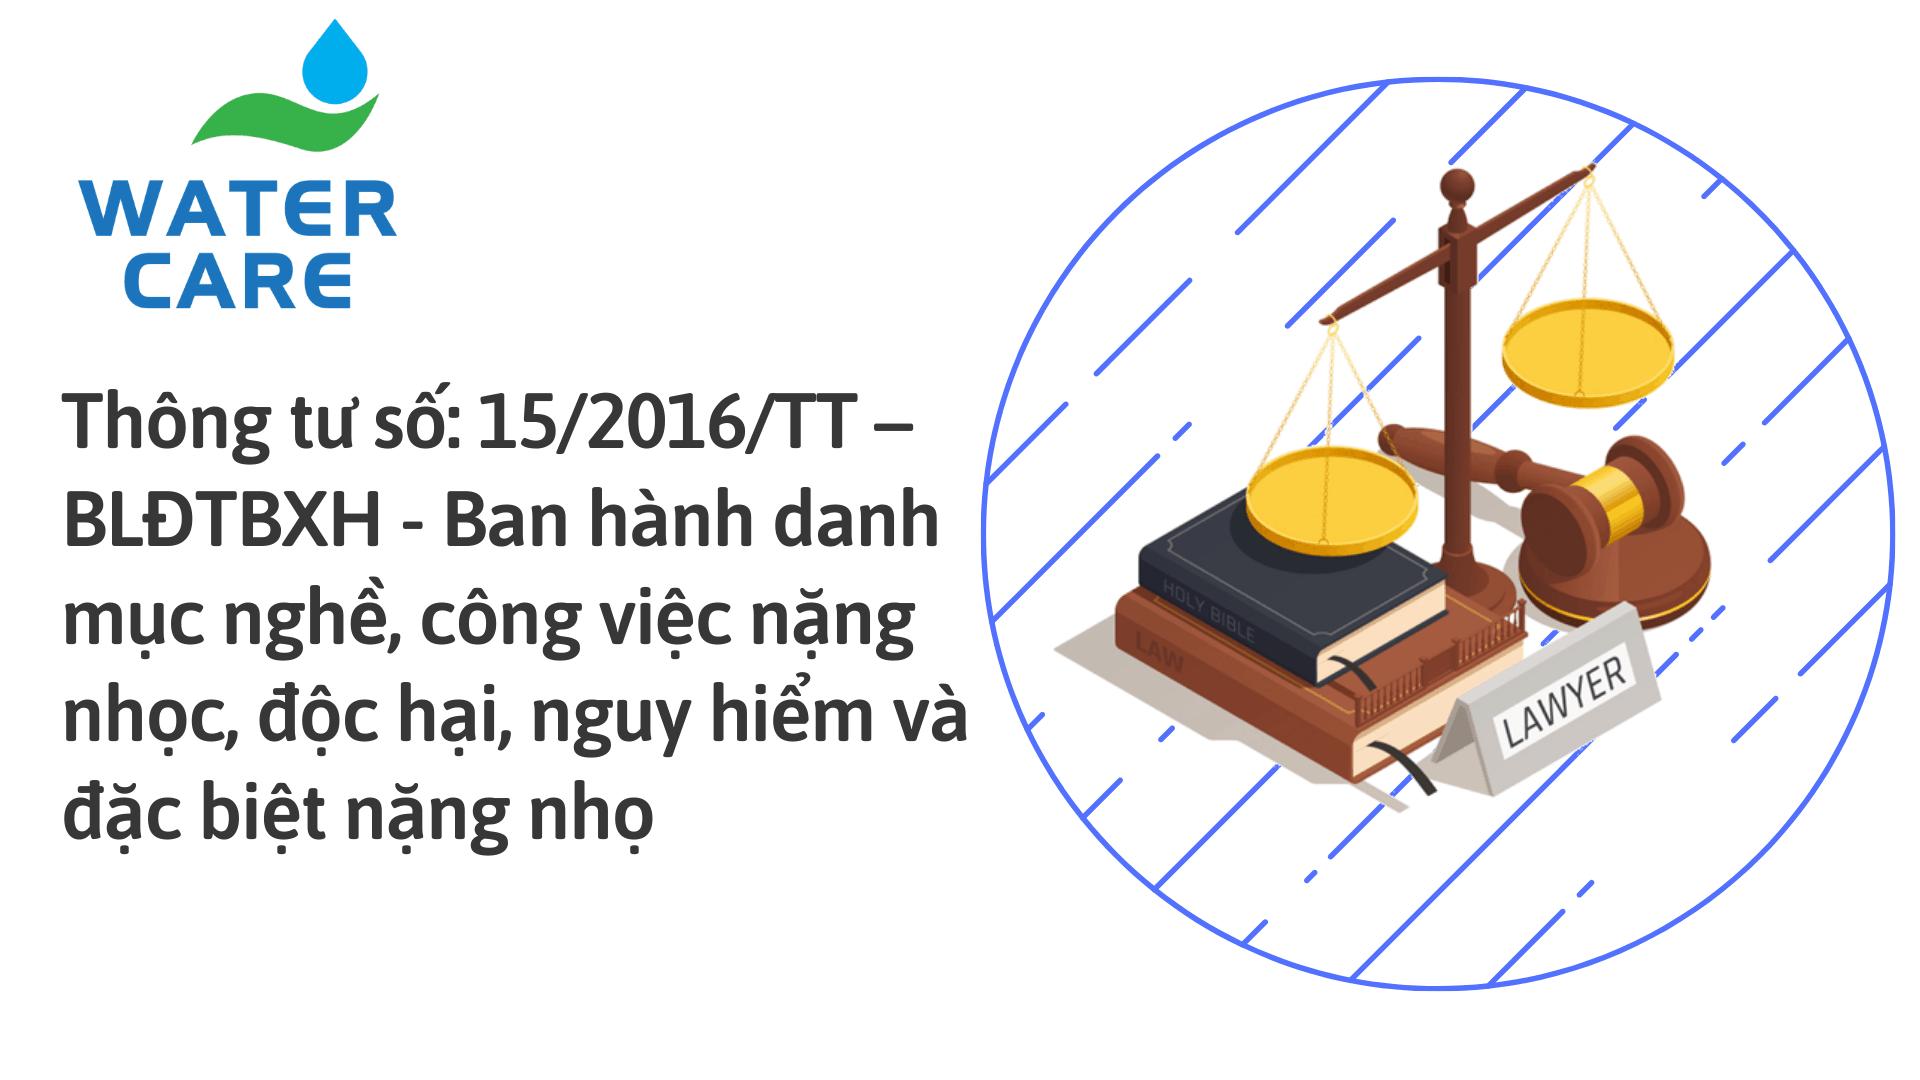 Thông tư số 152016TT – BLĐTBXH - Ban hành danh mục nghề, công việc nặng nhọc, độc hại, nguy hiểm và đặc biệt nặng nhọ